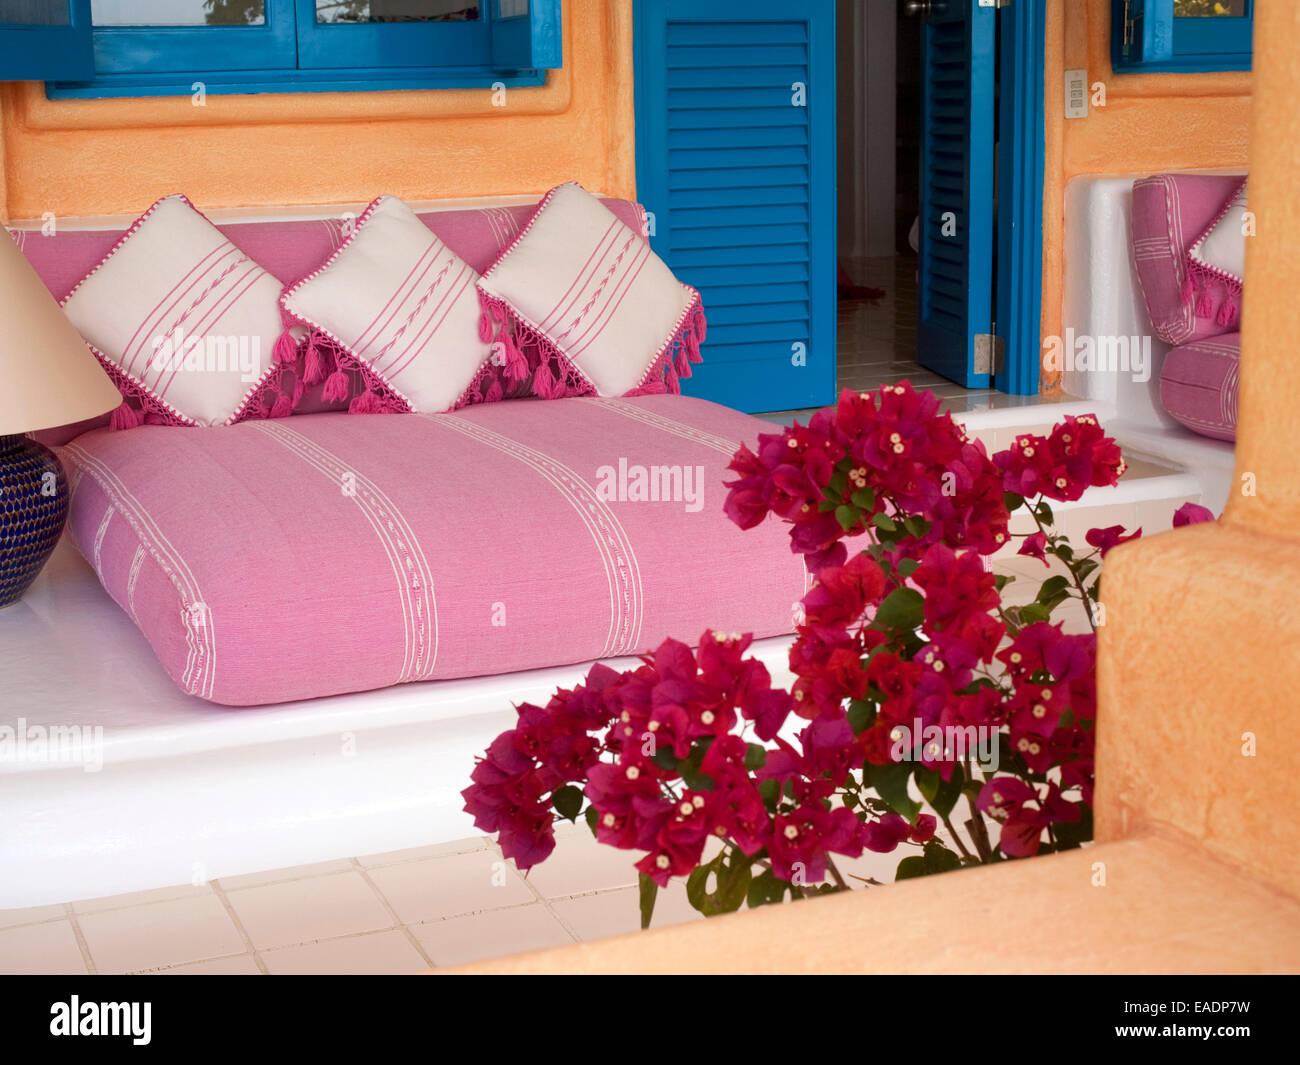 Lateinamerikanischen Stil dekorative Sitzgelegenheiten im Außenbereich Stockbild